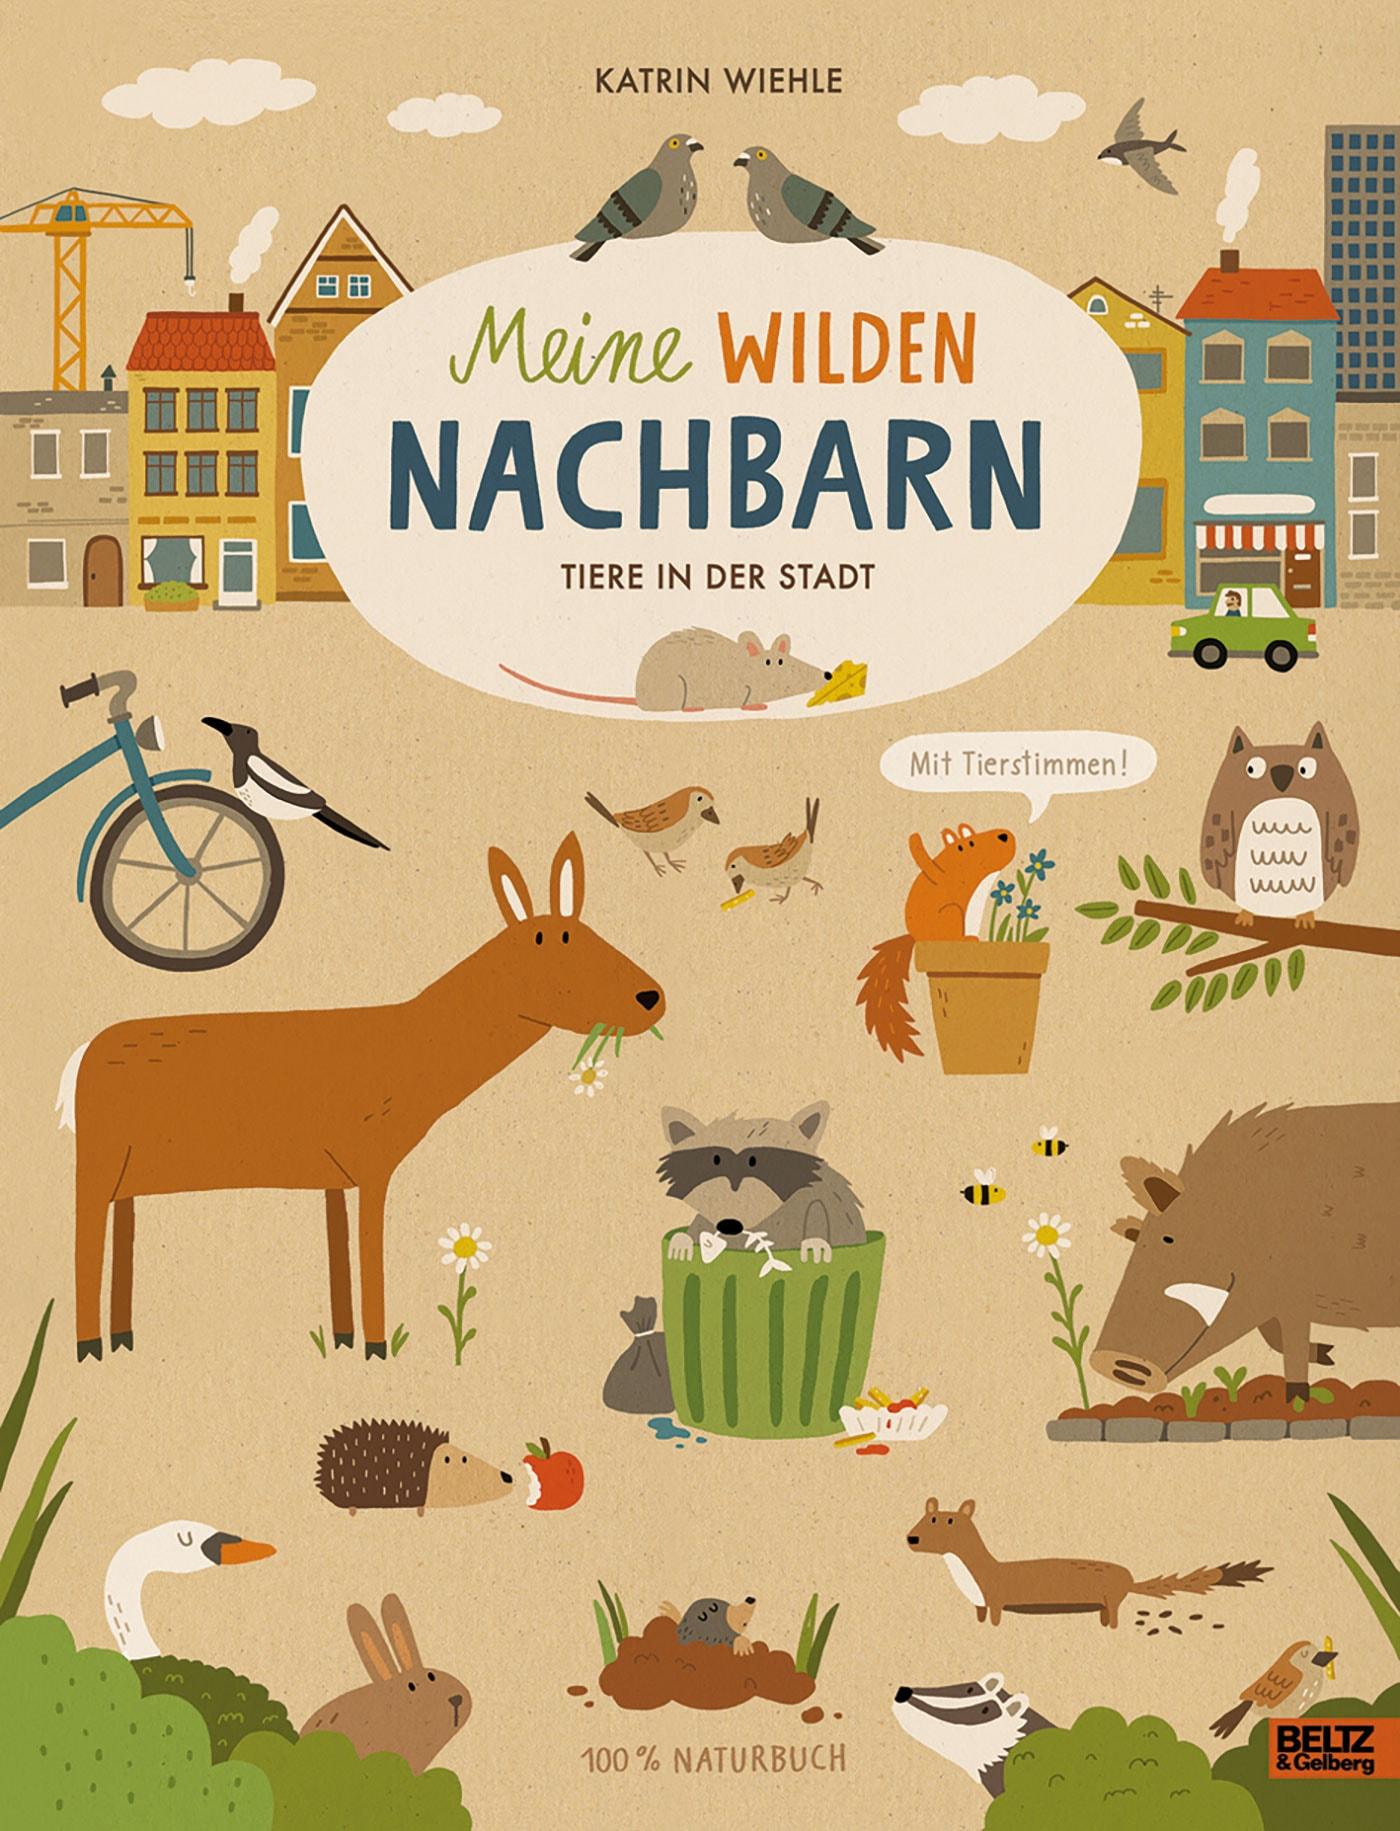 Kinderbuch-Tipps: 100 % Naturbuch: Meine wilden Nachbarn // HIMBEER